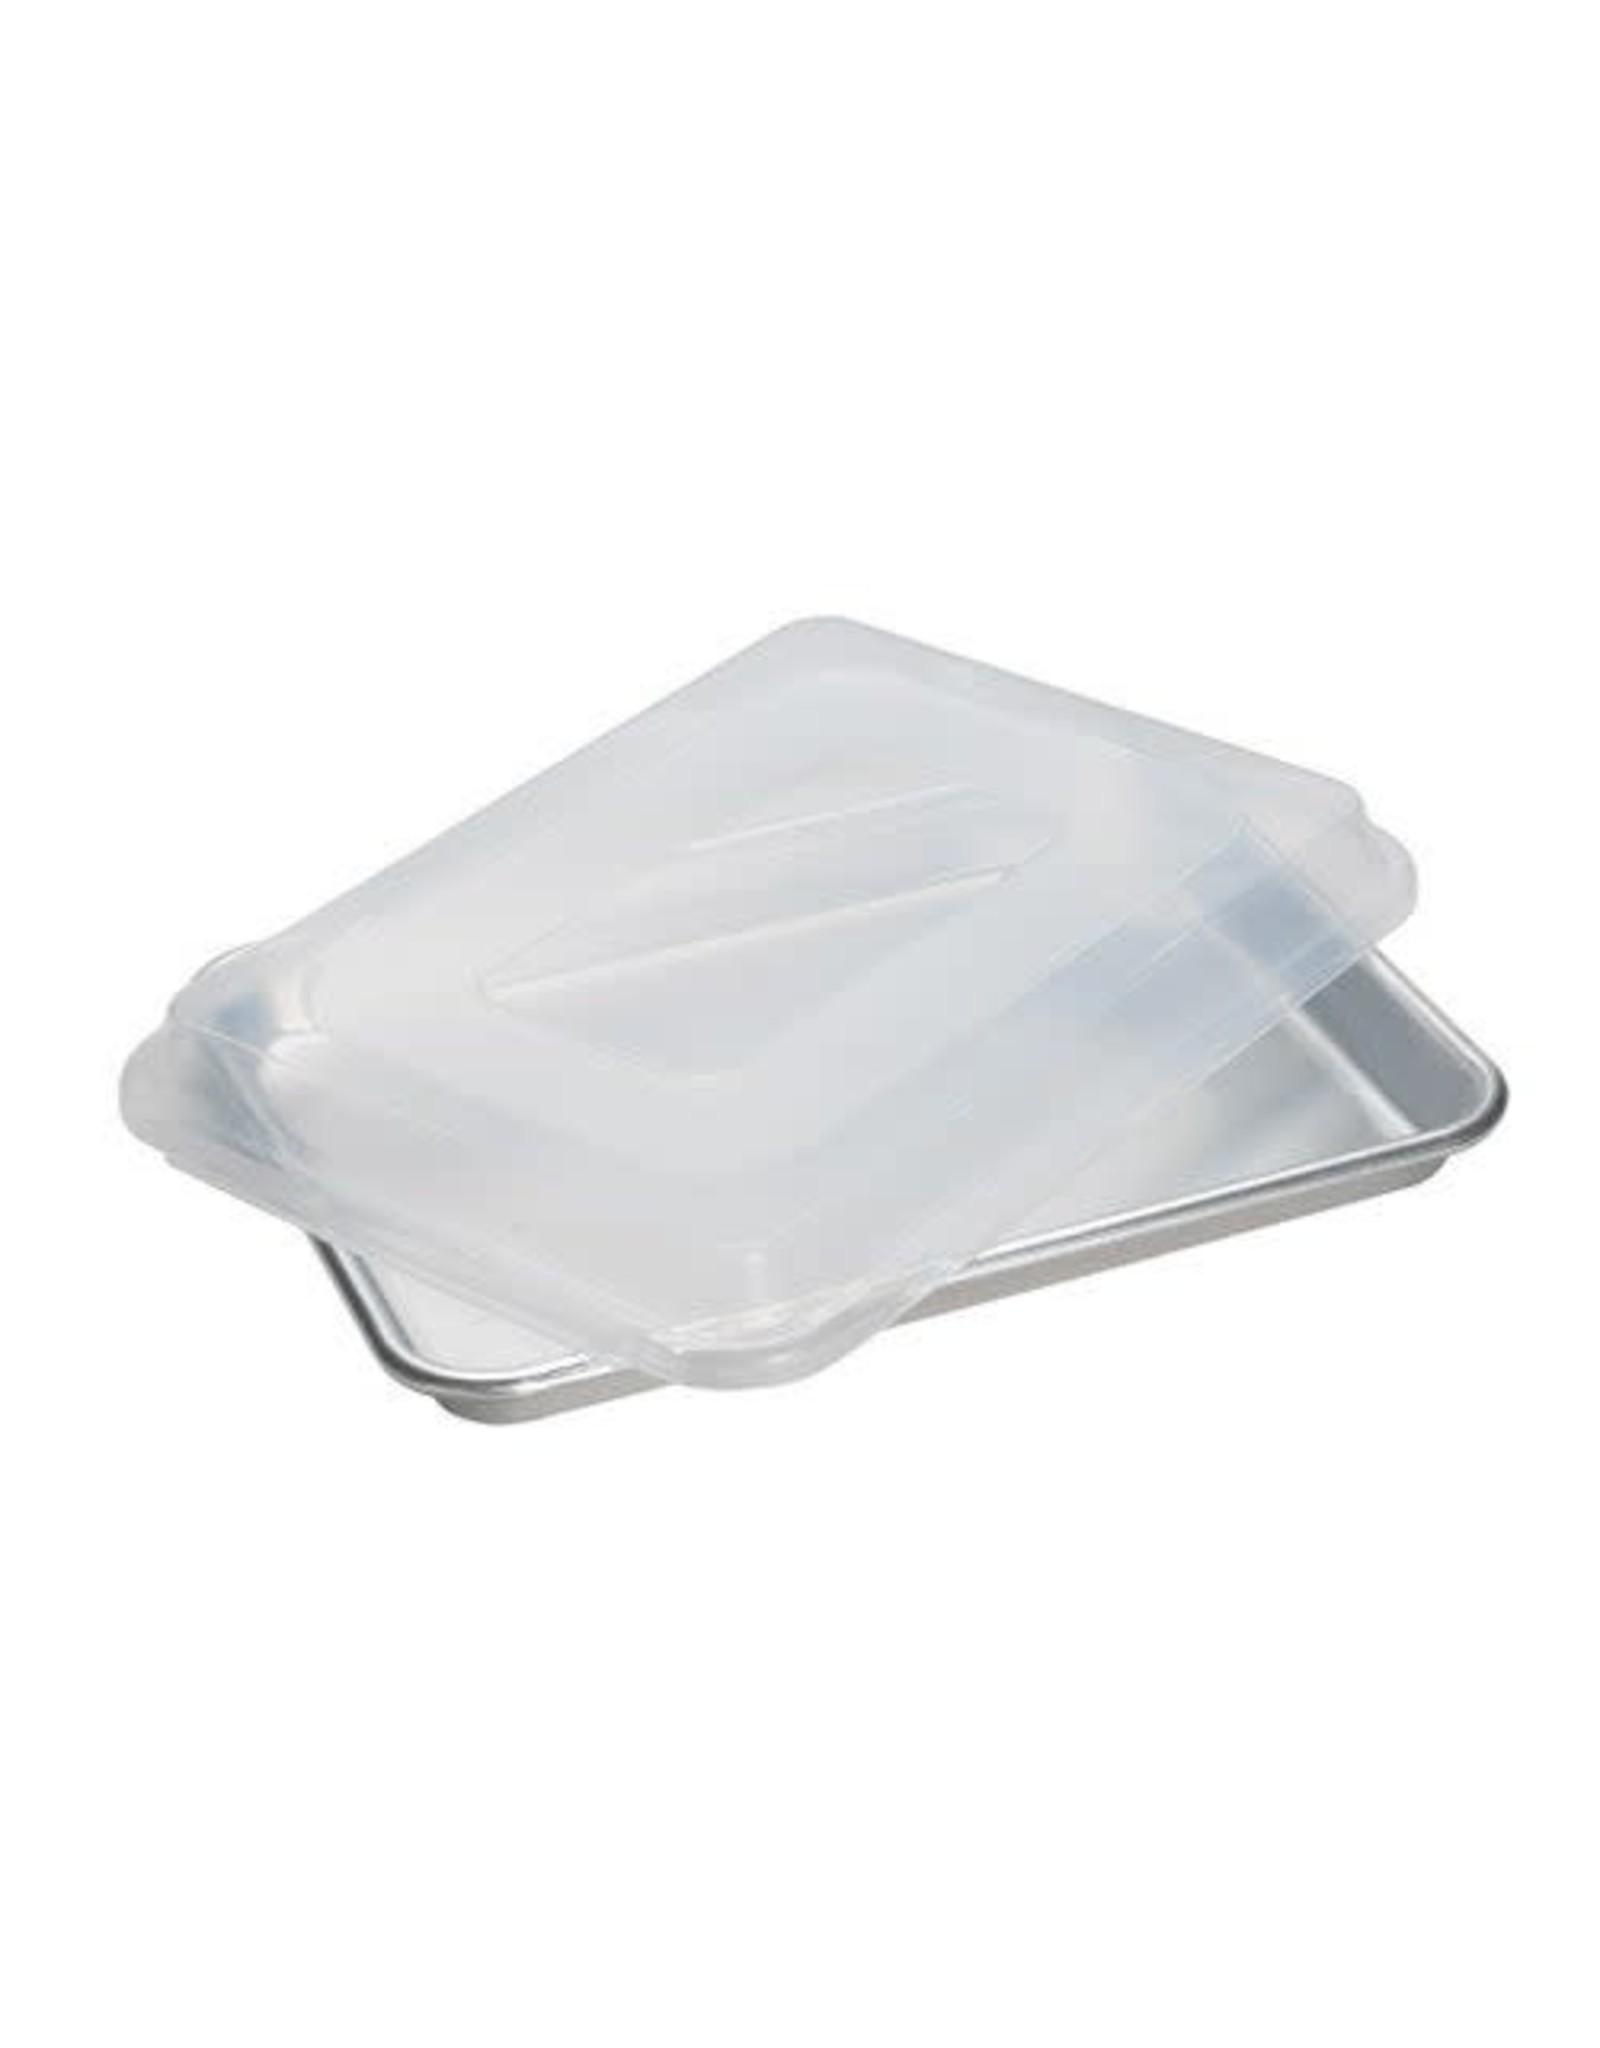 Nordic Ware 1/4 Sheet Baking Pan w/Lid, 9x13